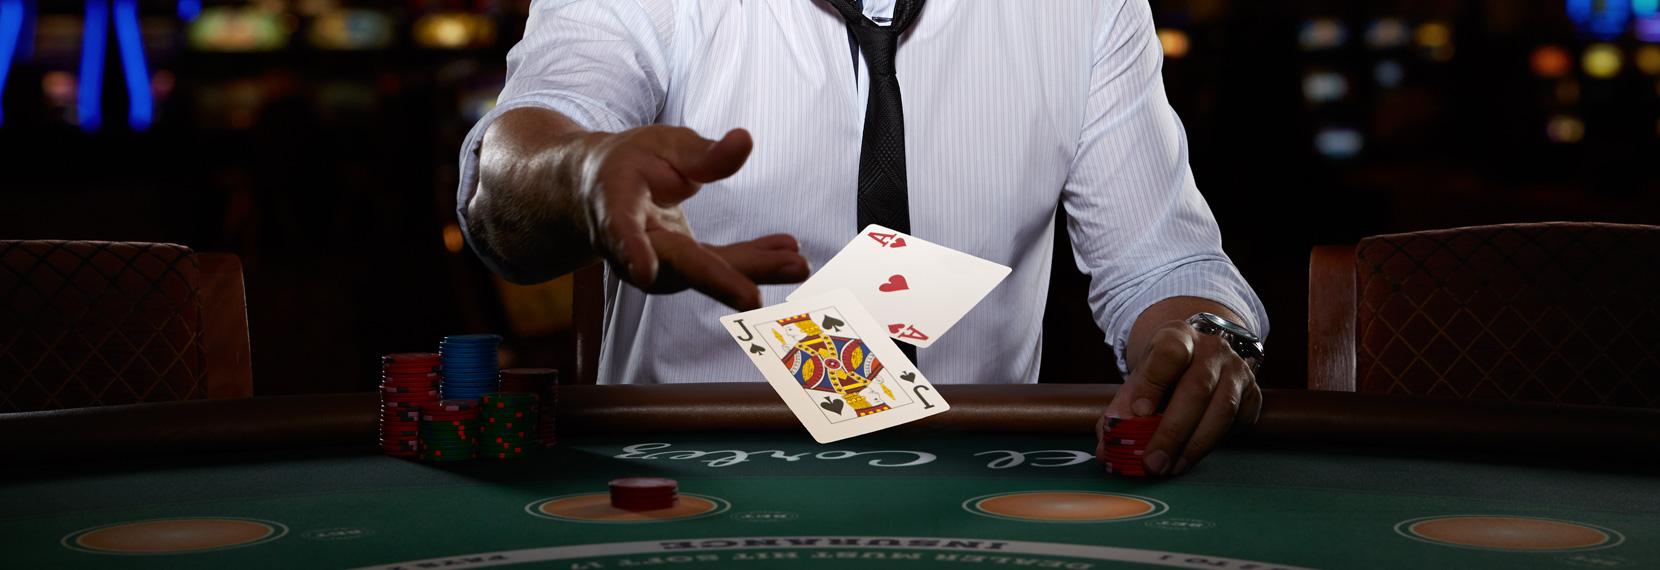 Blackjack : peu de temps pour jouer